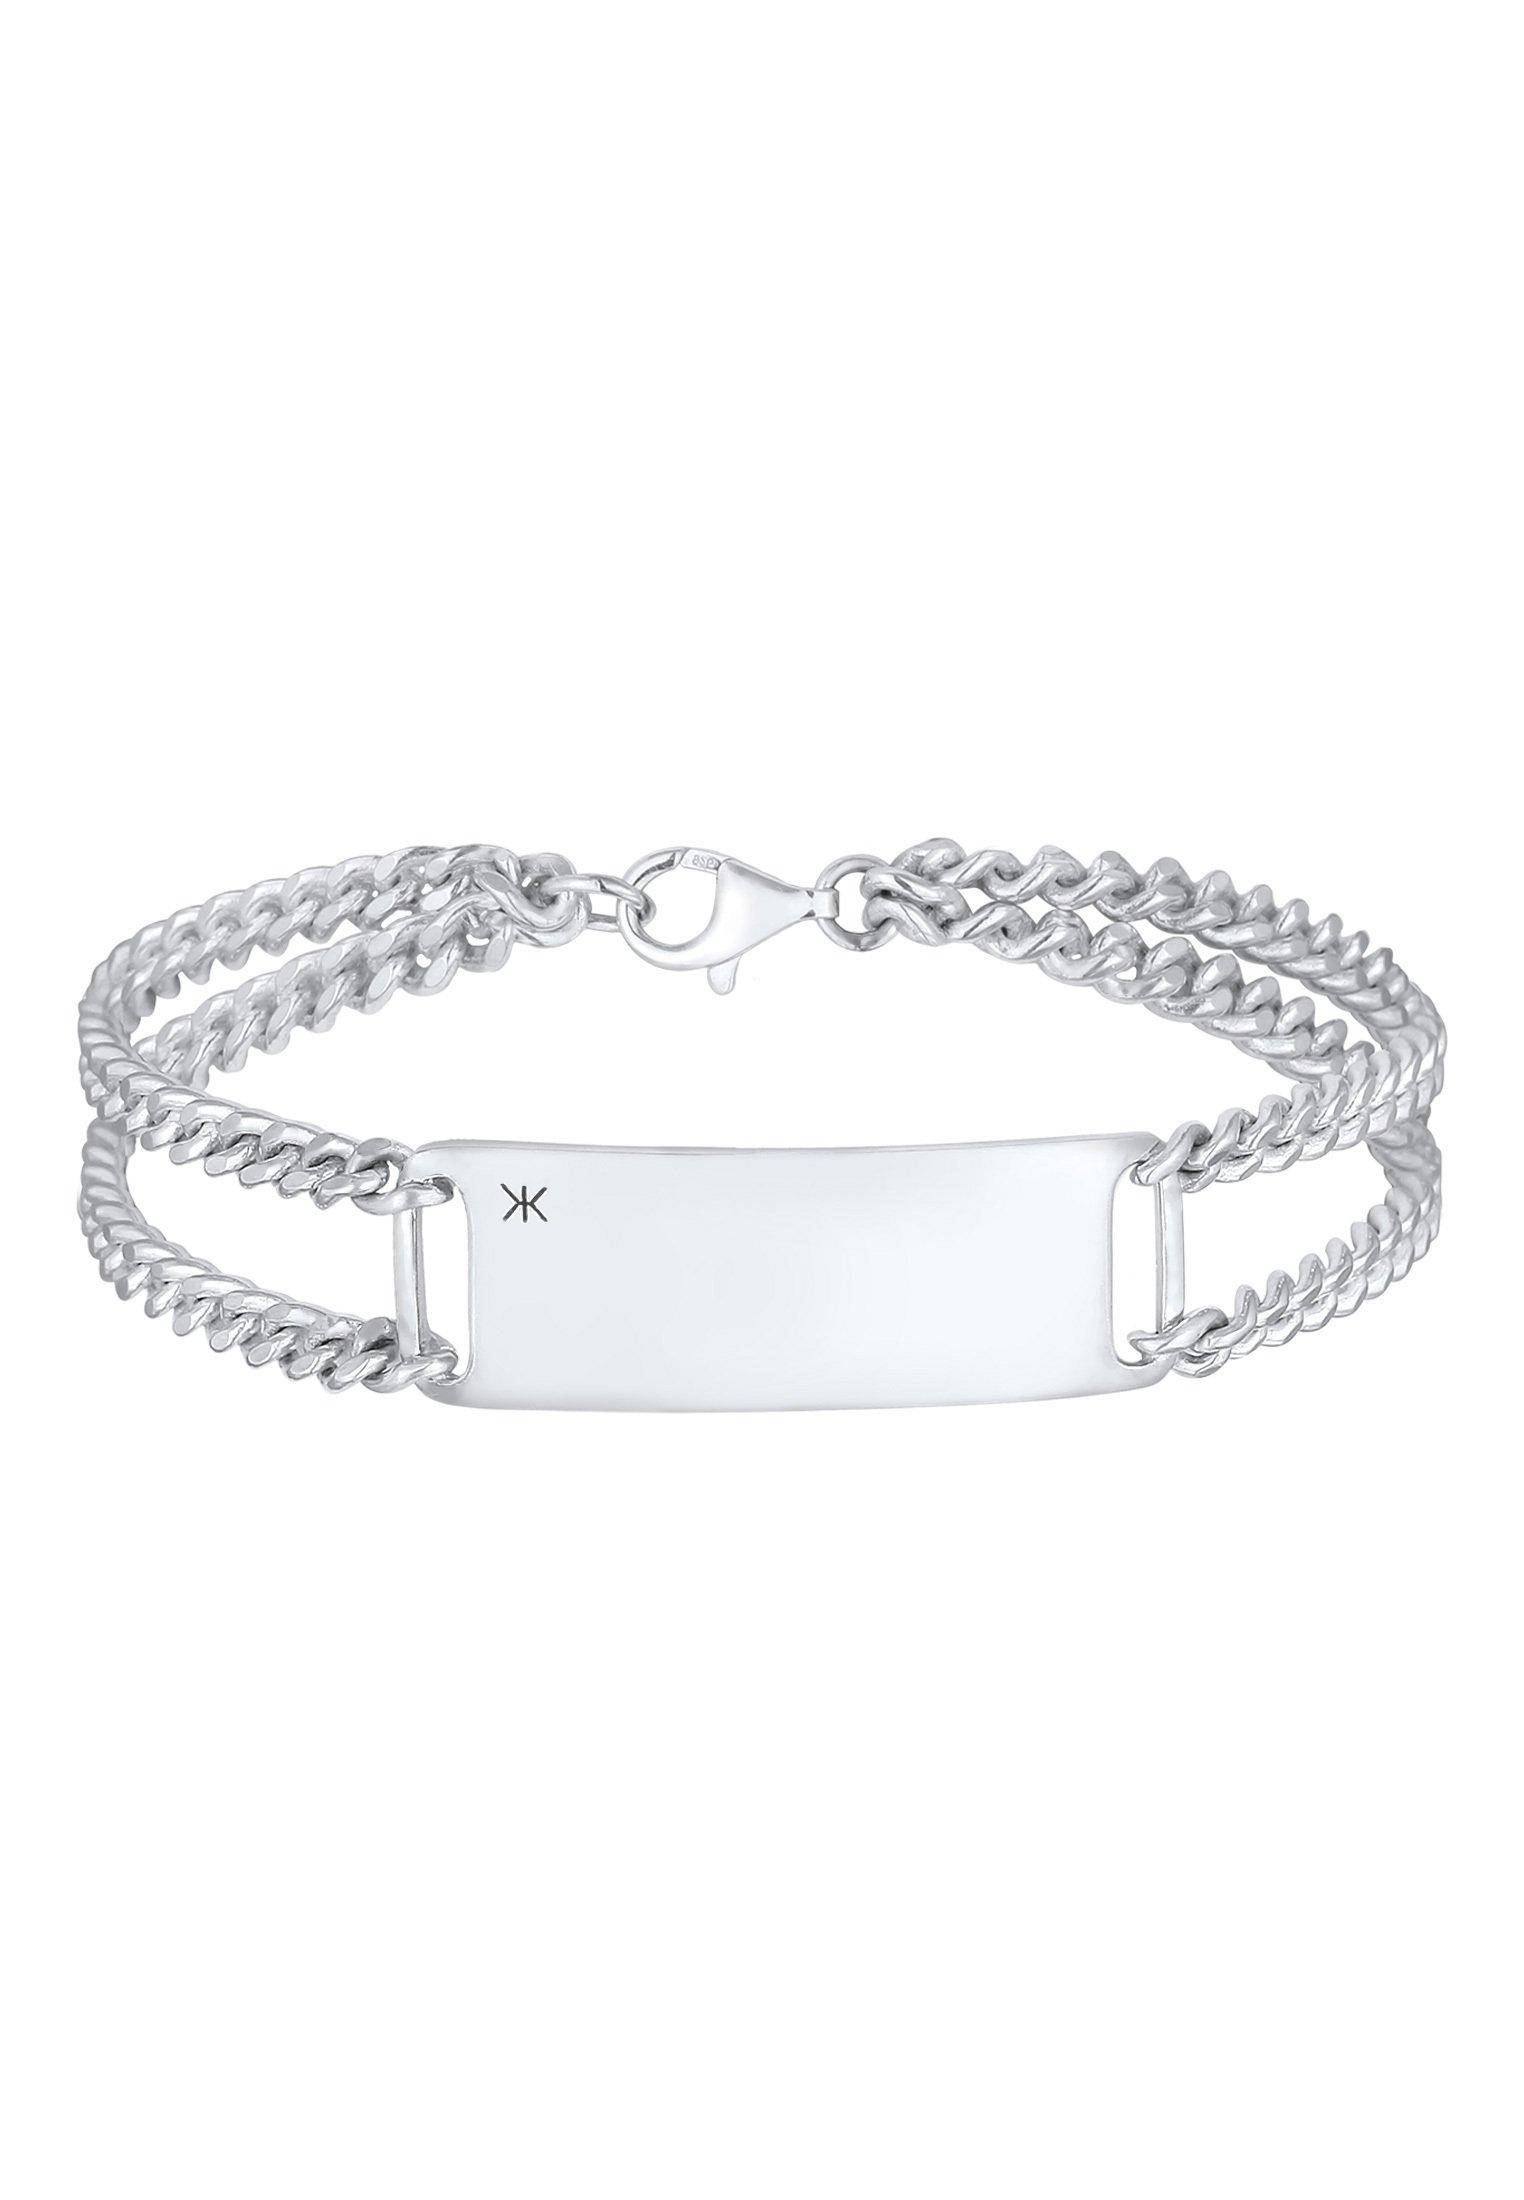 Homme Sterling Silber - Bracelet